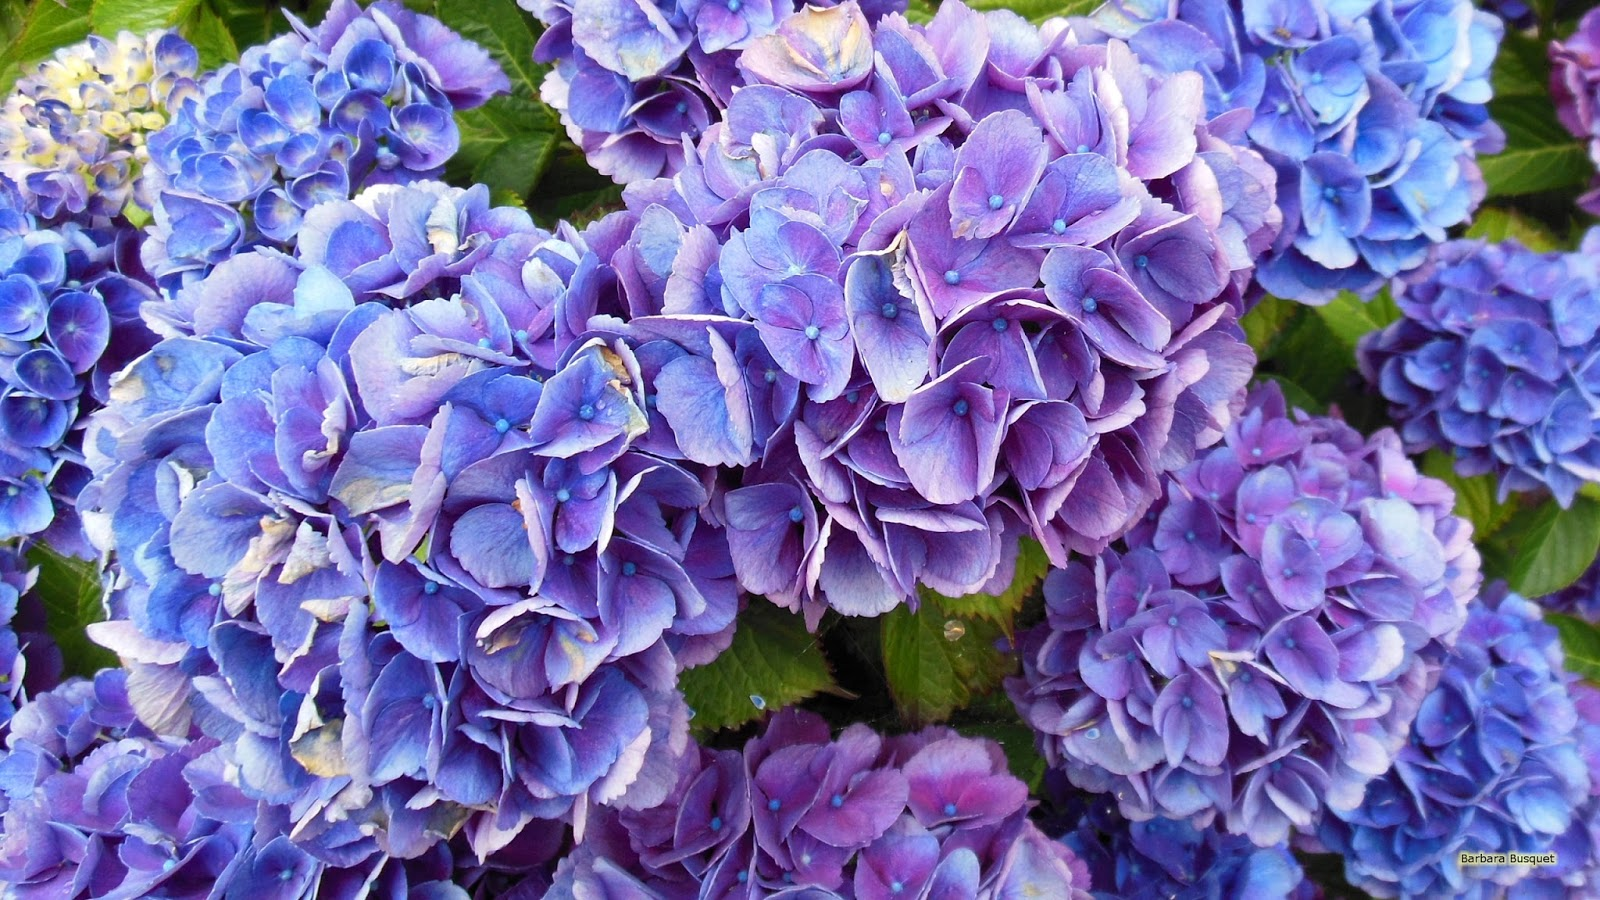 Om 3d Wallpaper Download Blauw Paarse Hortensia Bloemen Hd Wallpapers